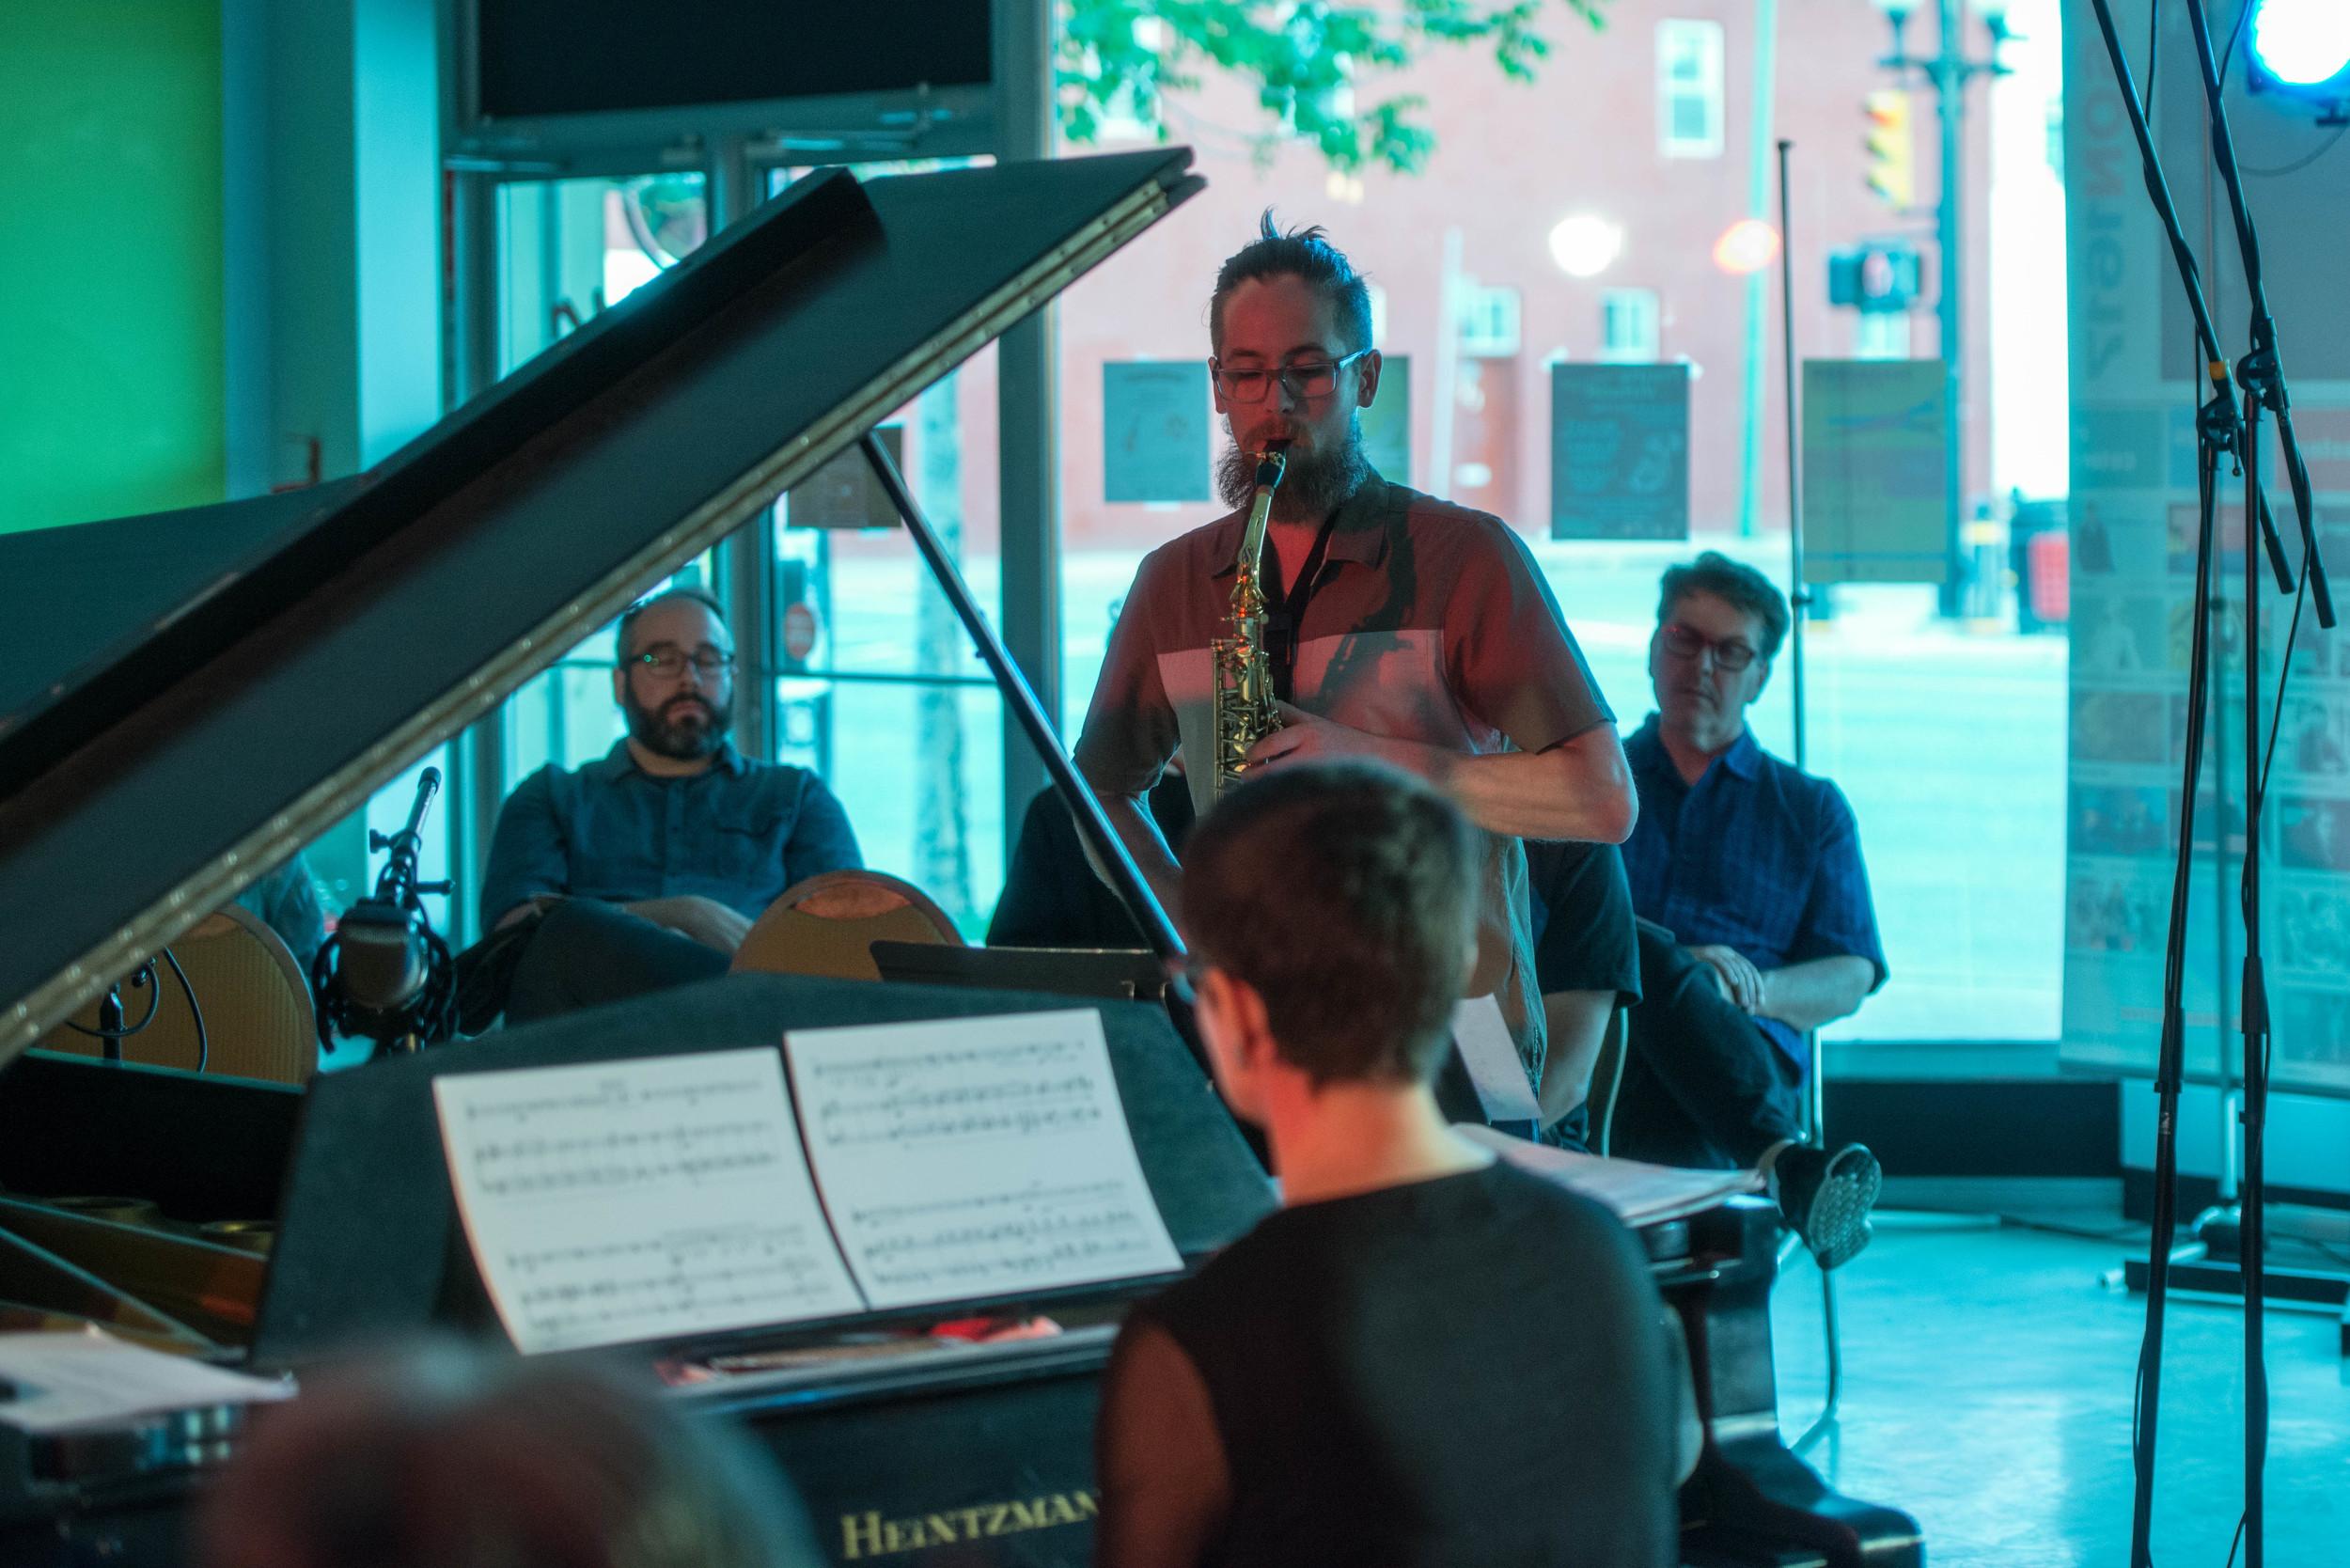 Luciane Cardassi et Tommy Davis au festival de musique Strata (2016) à Saskatoon, Canada.  Losing Home  d'Emilie LeBel